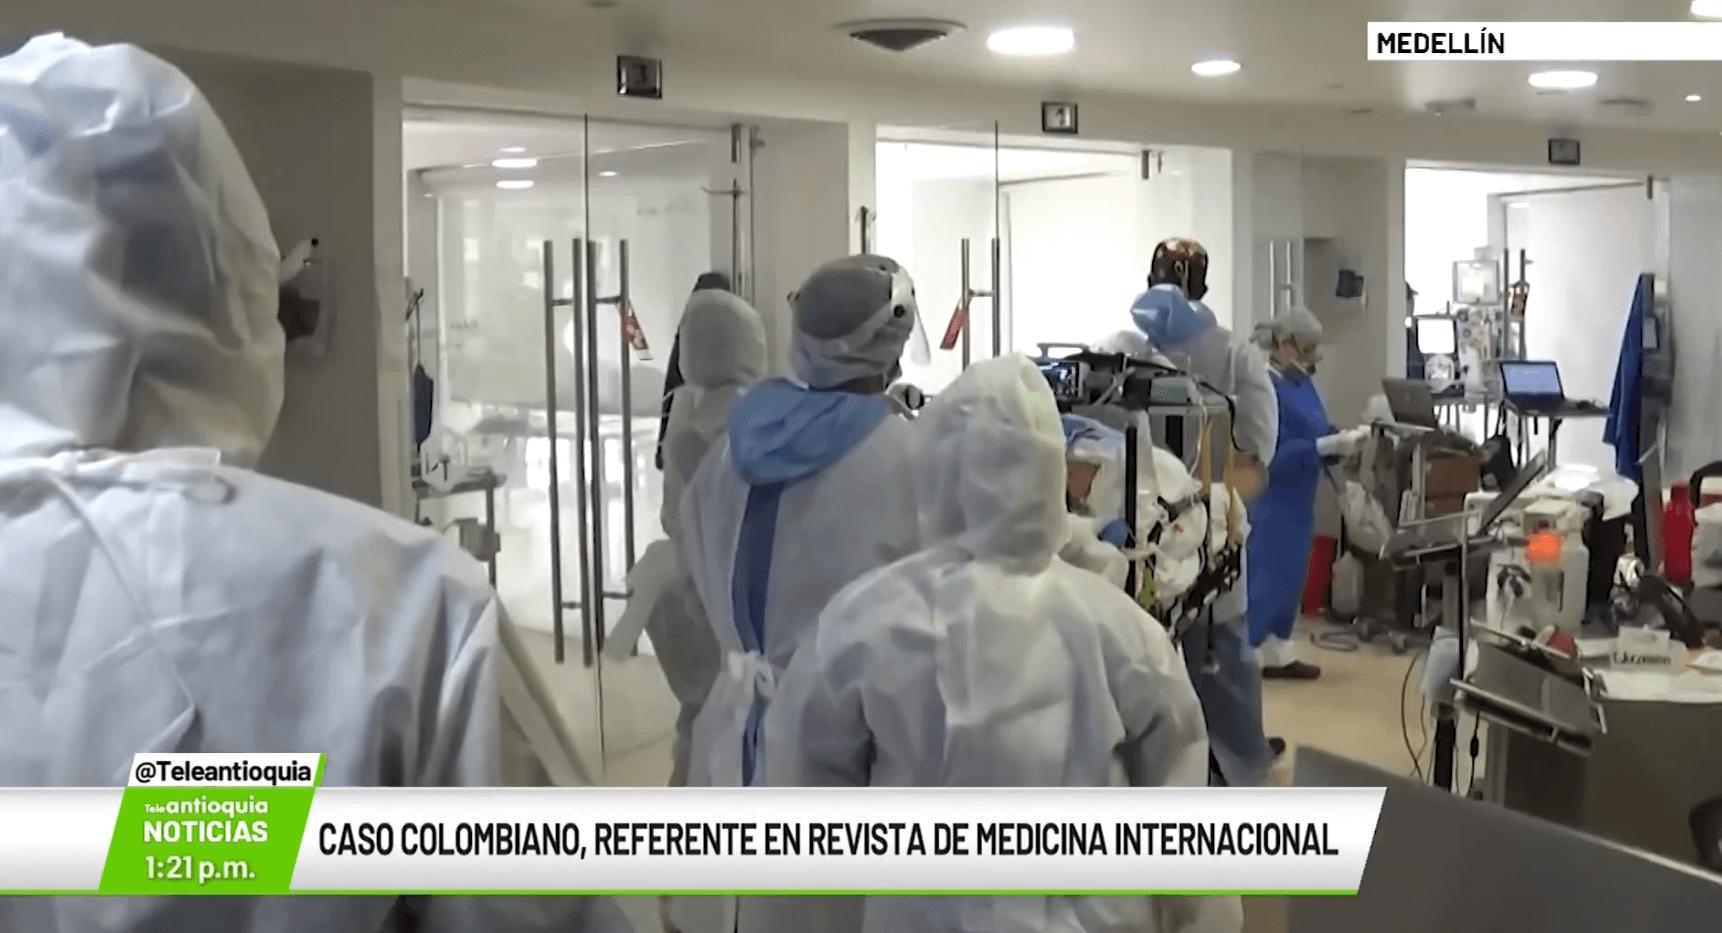 Caso colombiano, referente en revista de medicina internacional